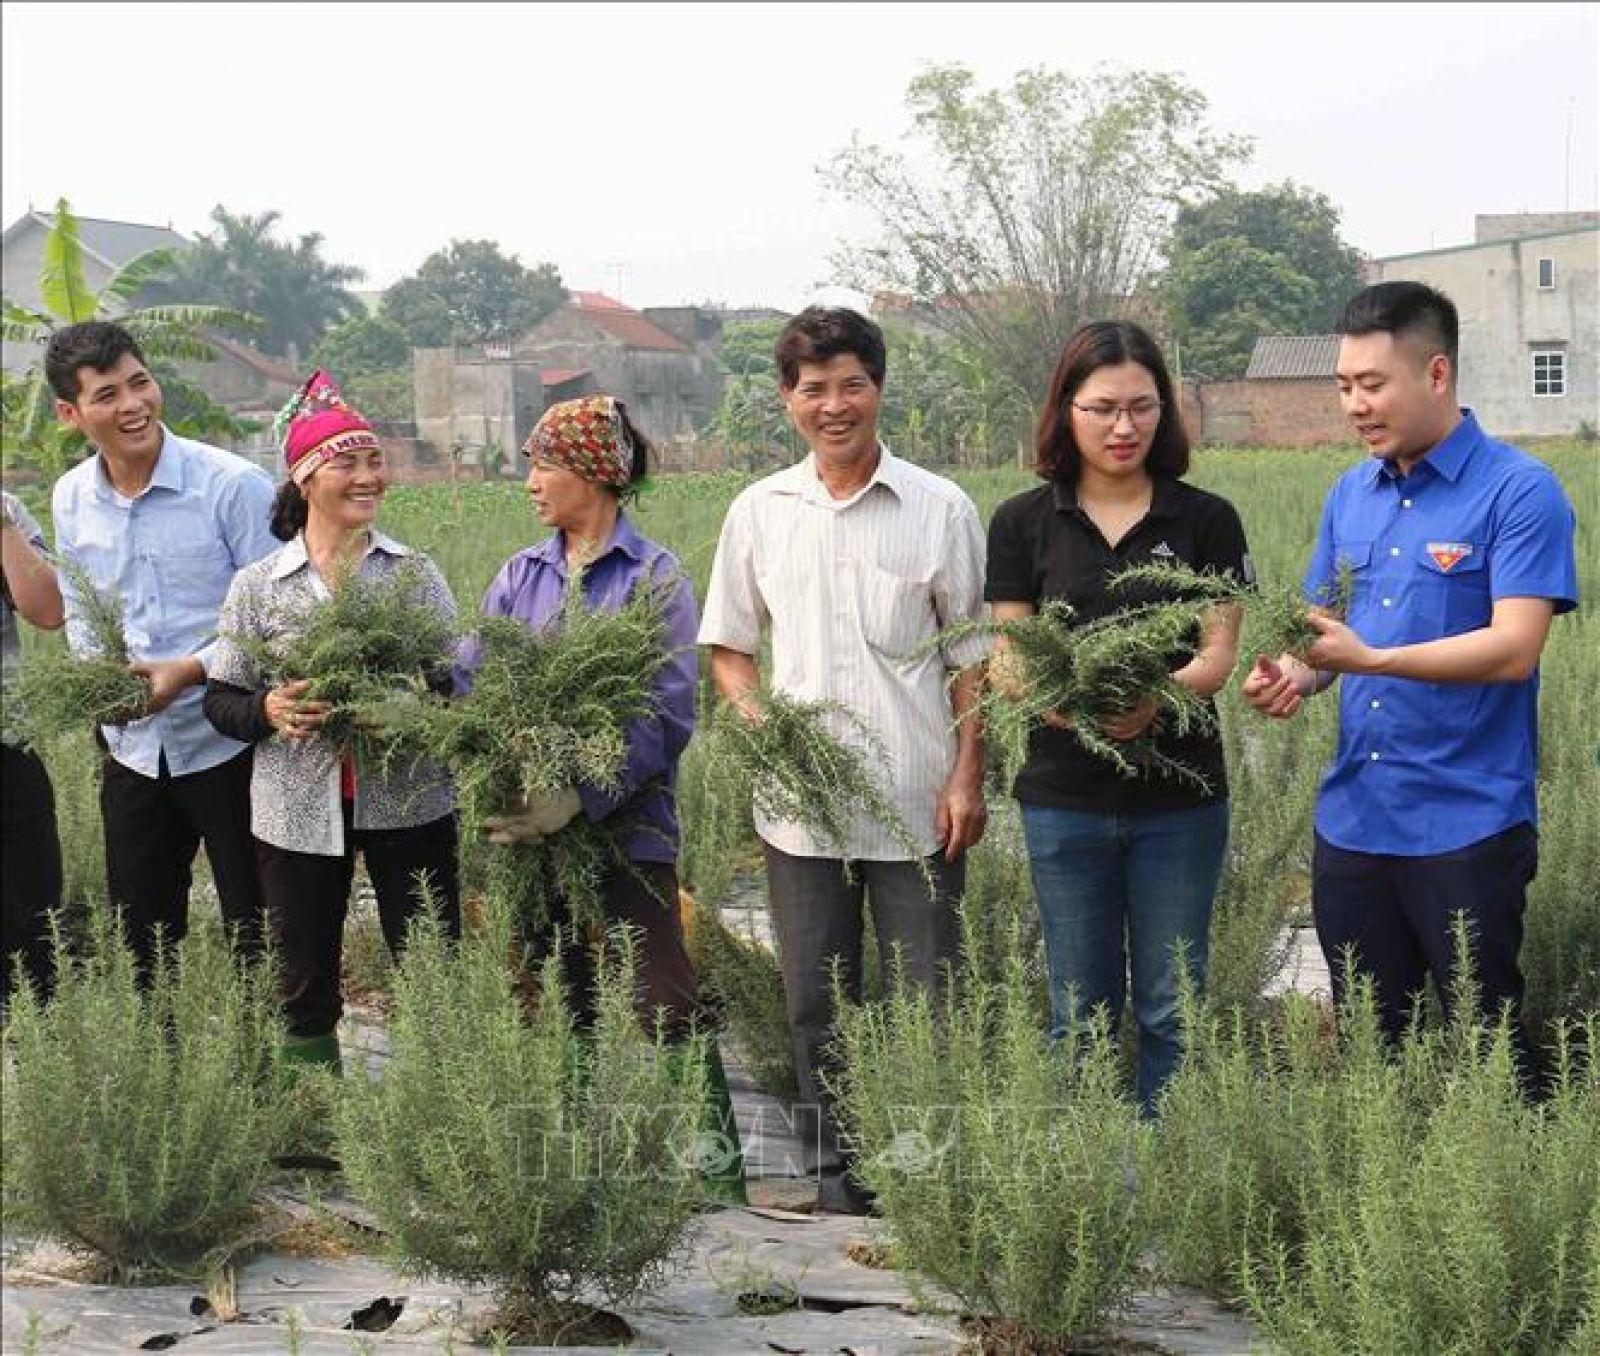 Vũ Thị Thu đang giới thiệu với thanh niên về các cây thảo dược dùng để chiết xuất ra các sản phẩm. Ảnh: Thái Hùng/TTXVN